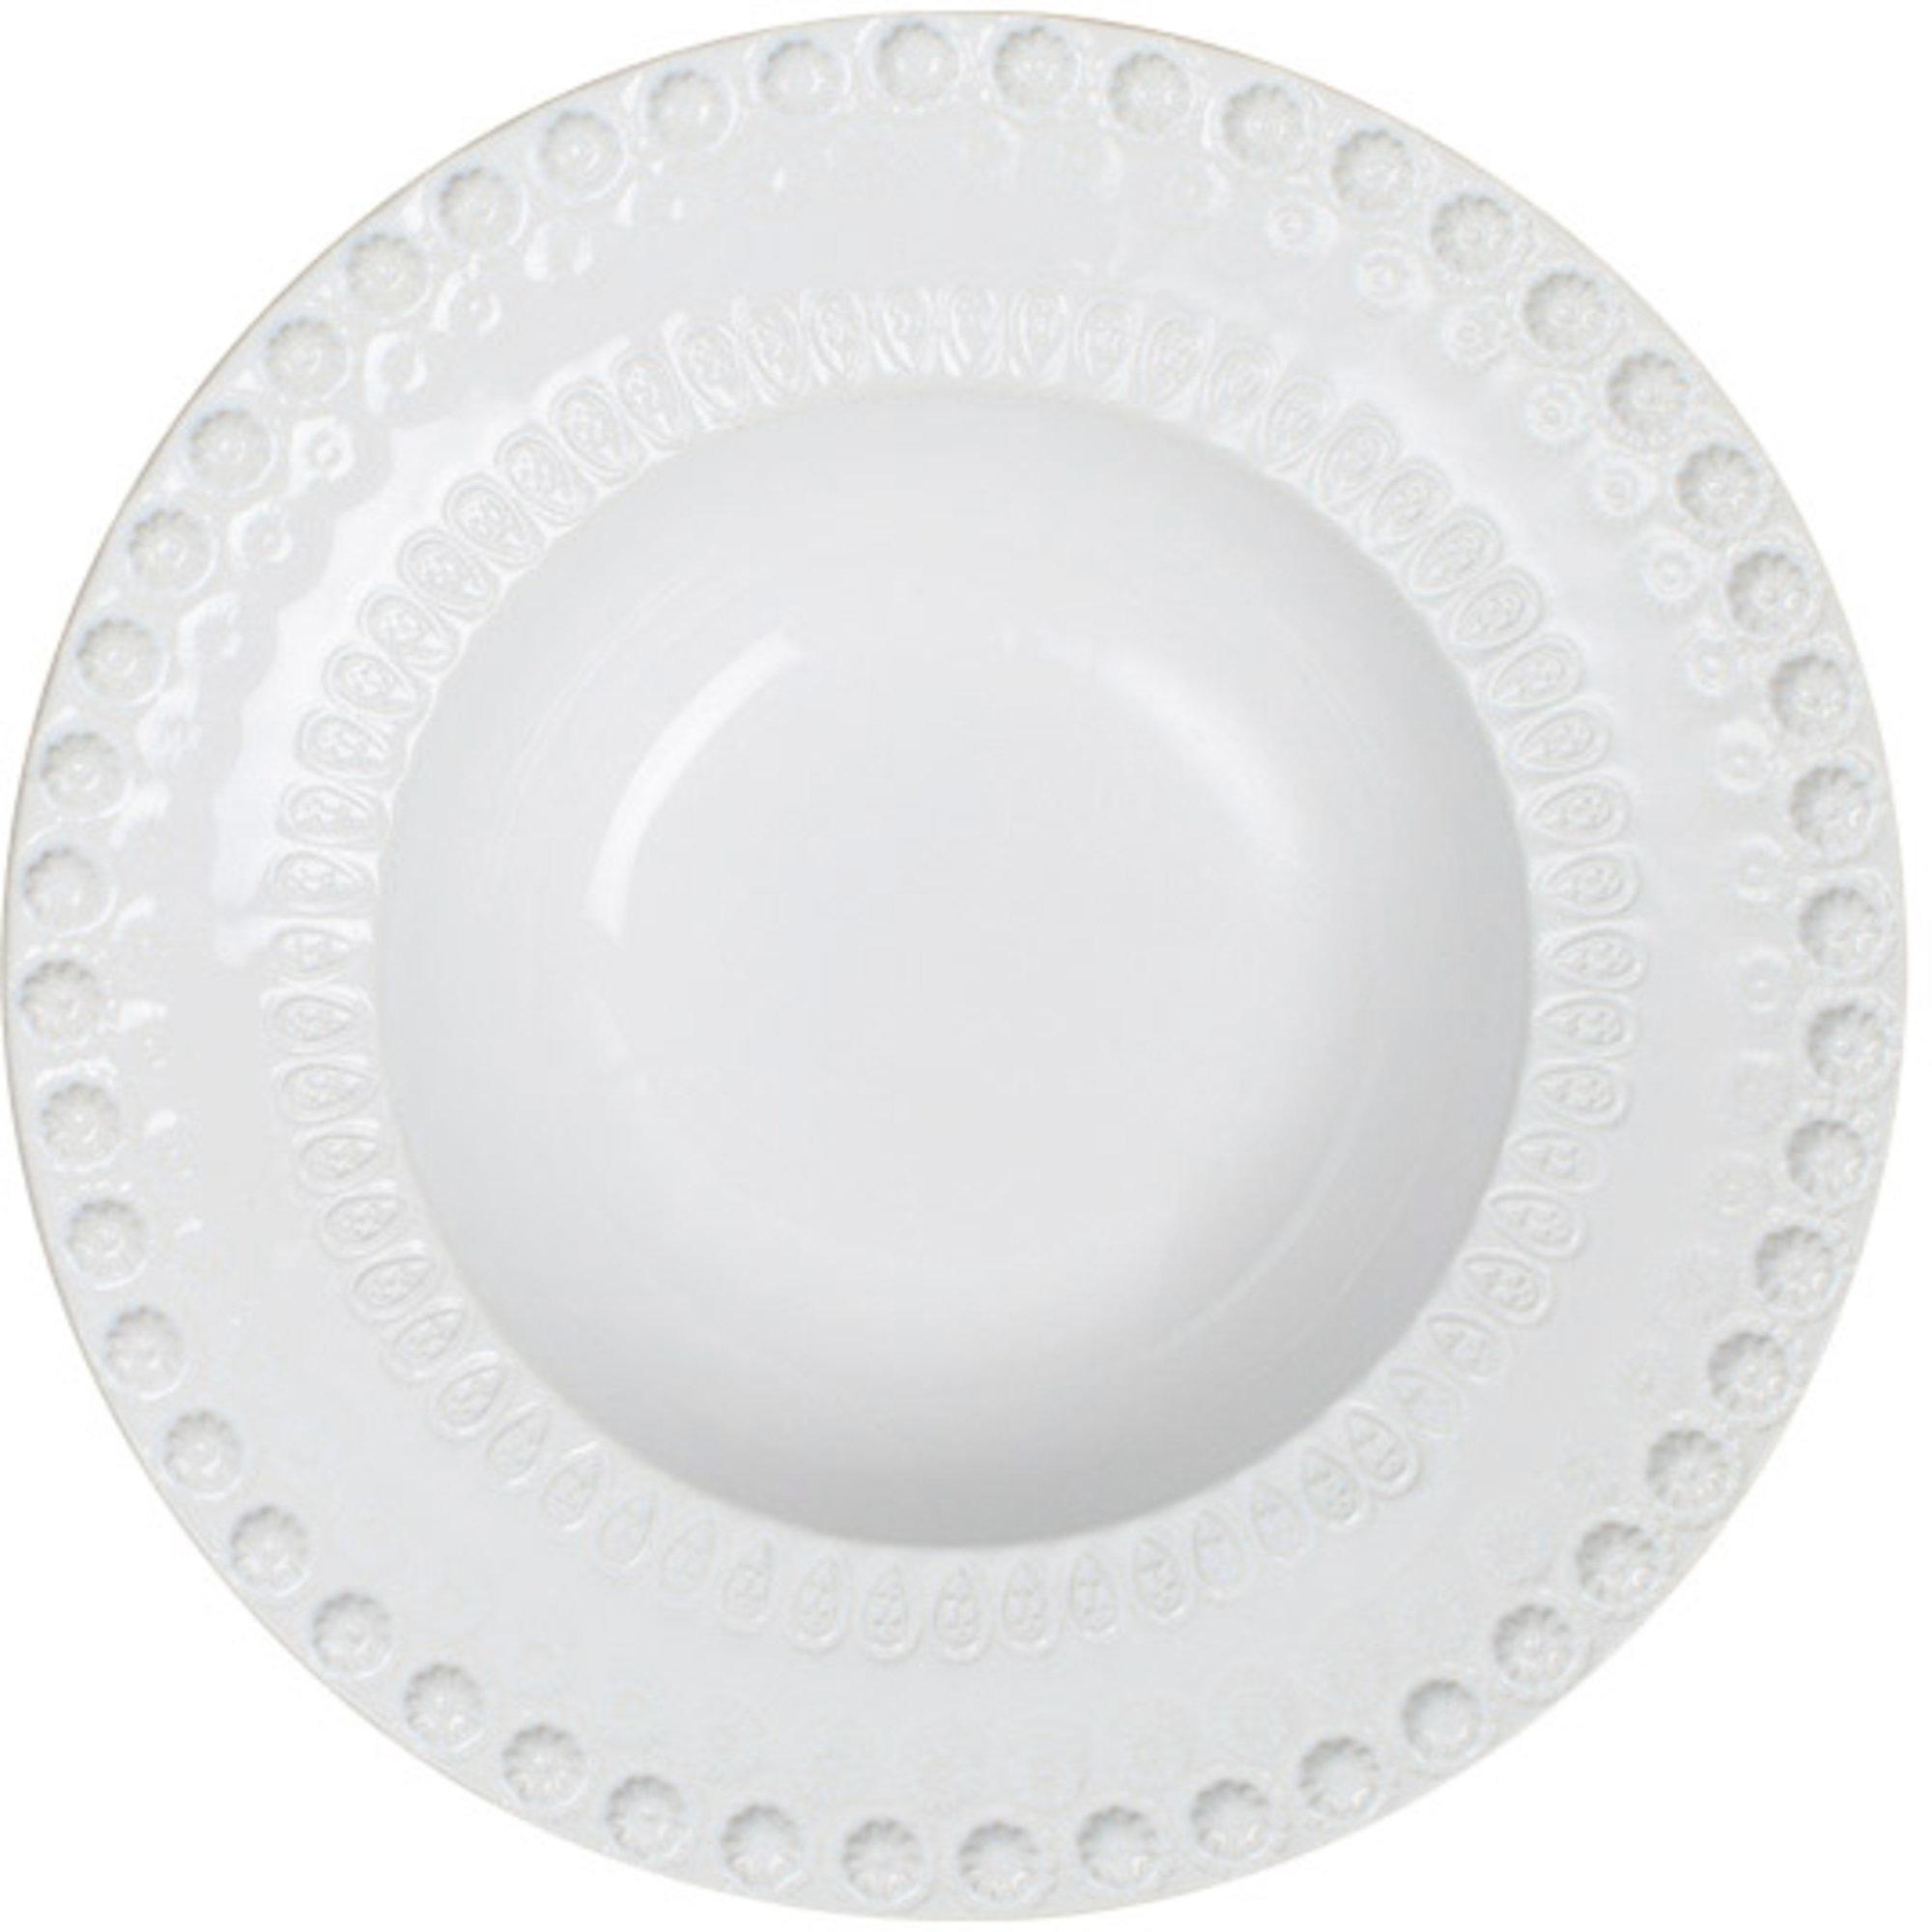 PotteryJo Daisy Soppskål 21 cm White